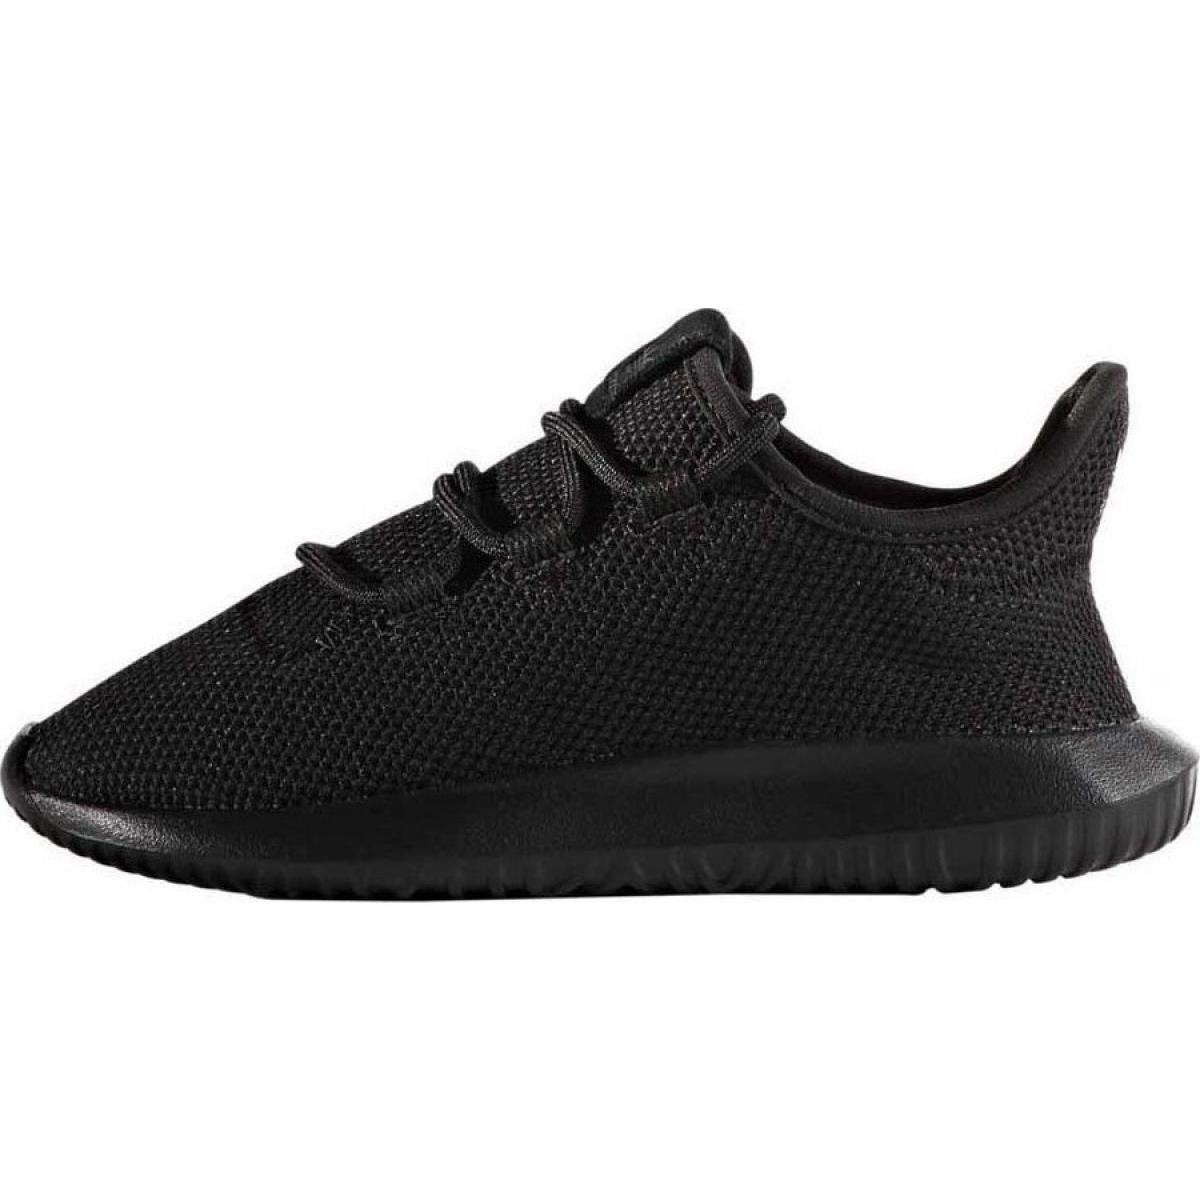 Sapatilhas Adidas Originals Tubular Shadow C Jr CP9469 preto